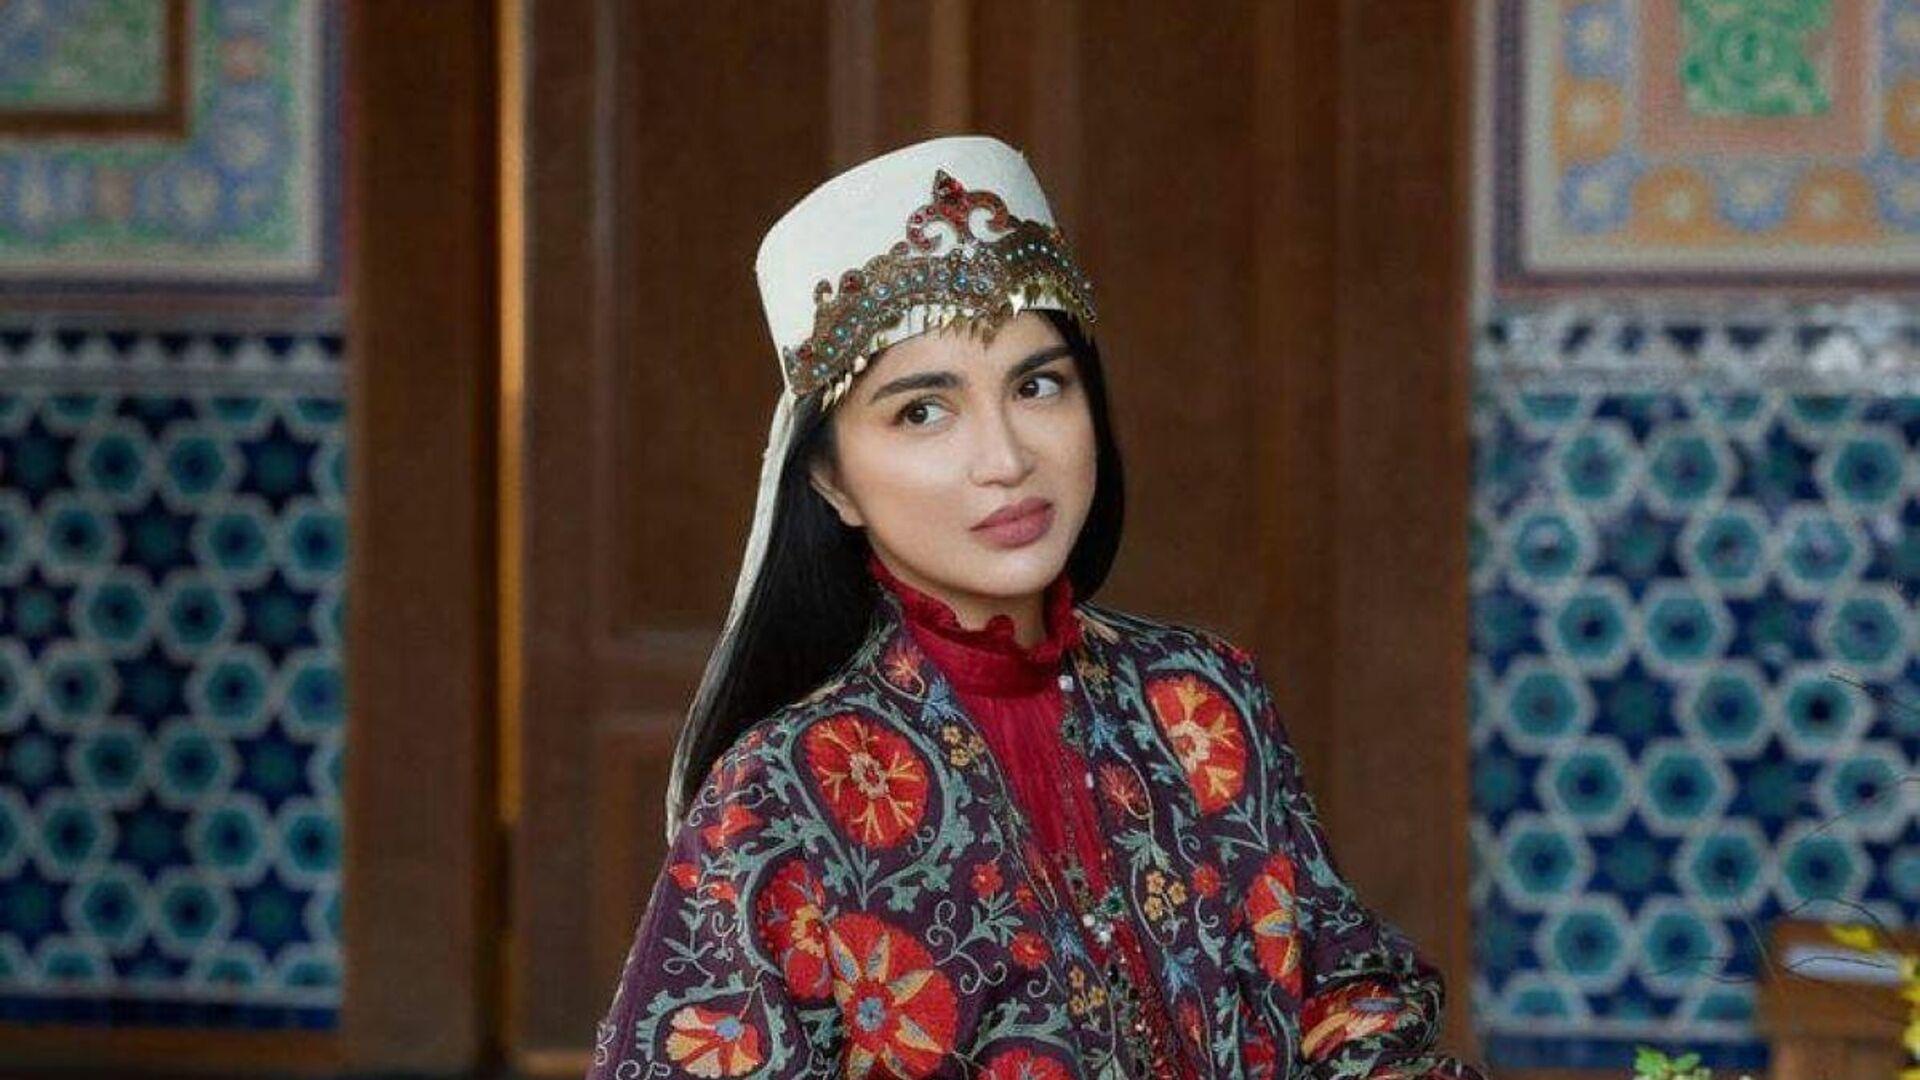 Фотосессия в стиле этно: Саида Мирзиёева предстала в необычном образе - Sputnik Узбекистан, 1920, 01.10.2021